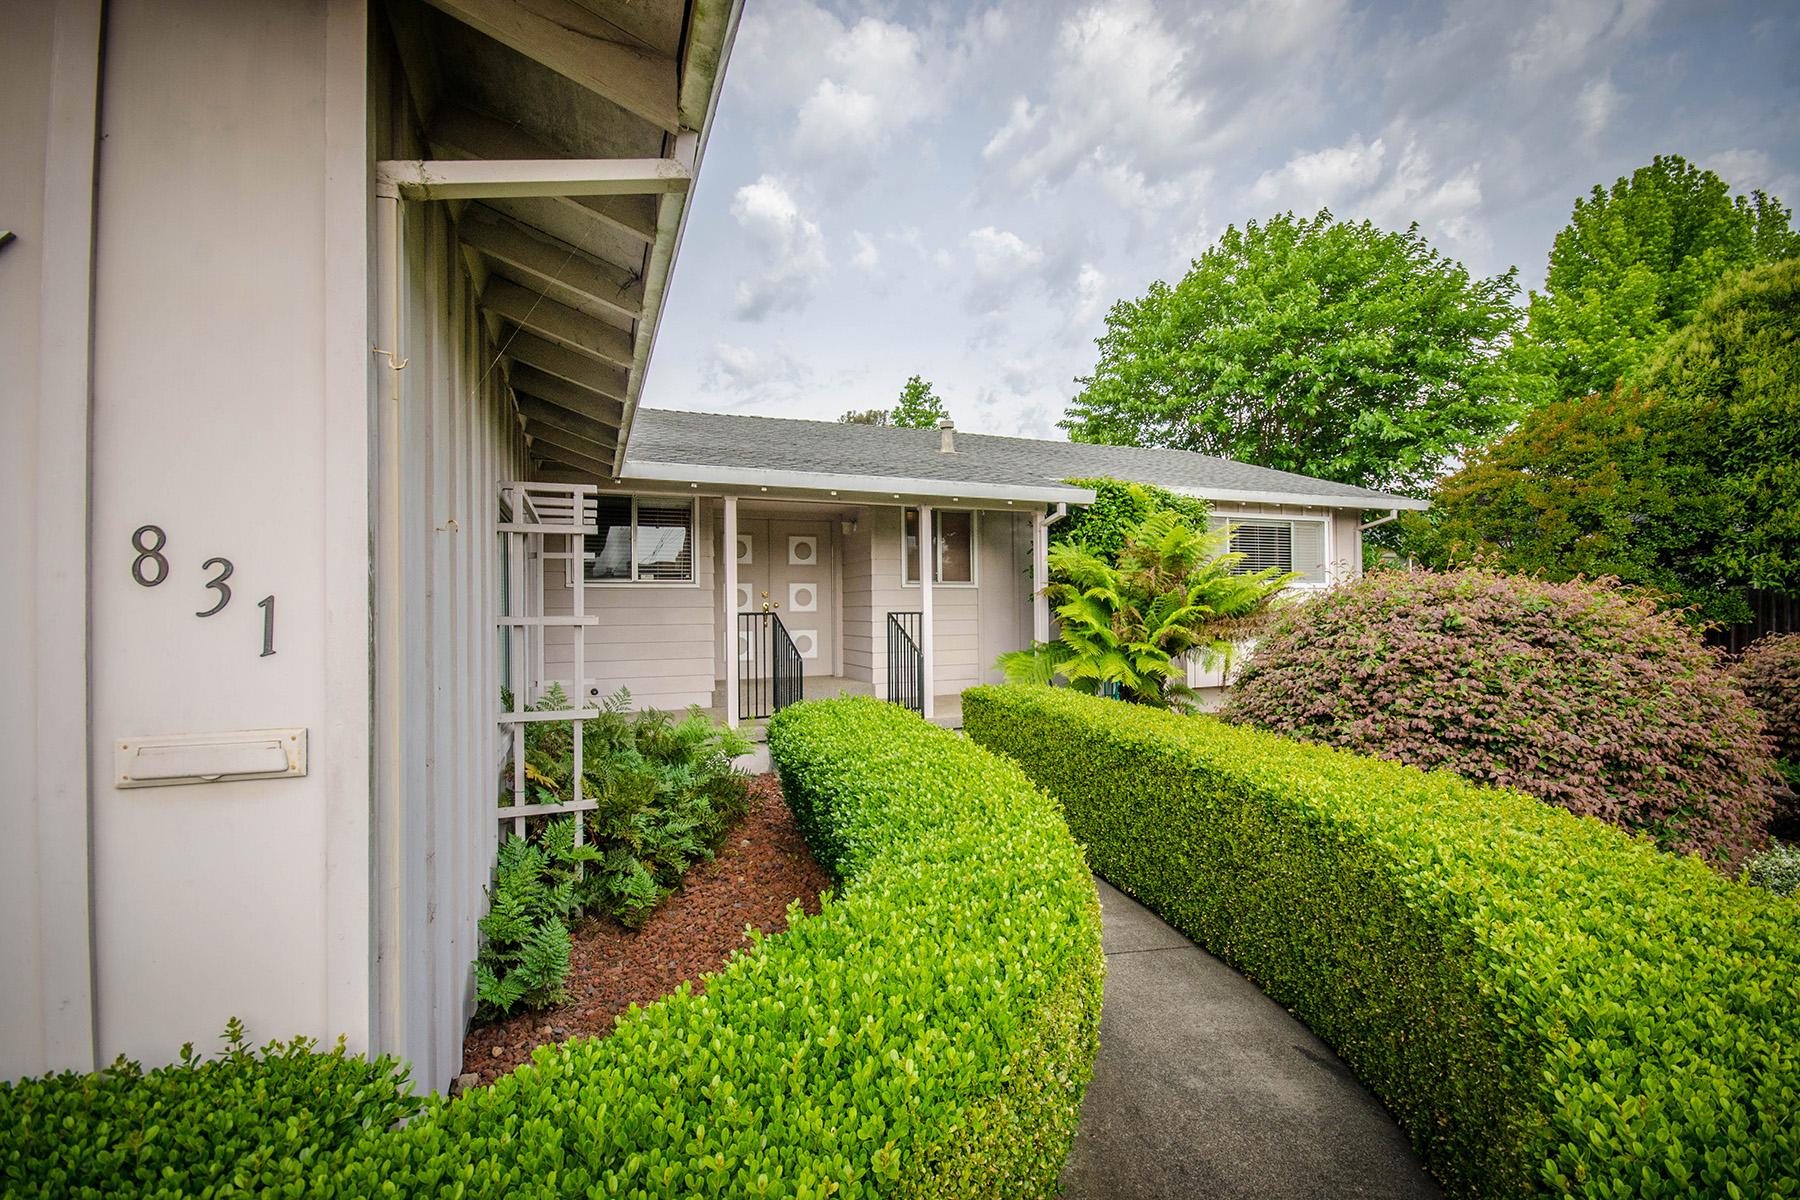 独户住宅 为 销售 在 831 Foster Rd, Napa, CA 94558 831 Foster Rd 纳帕, 加利福尼亚州, 94558 美国